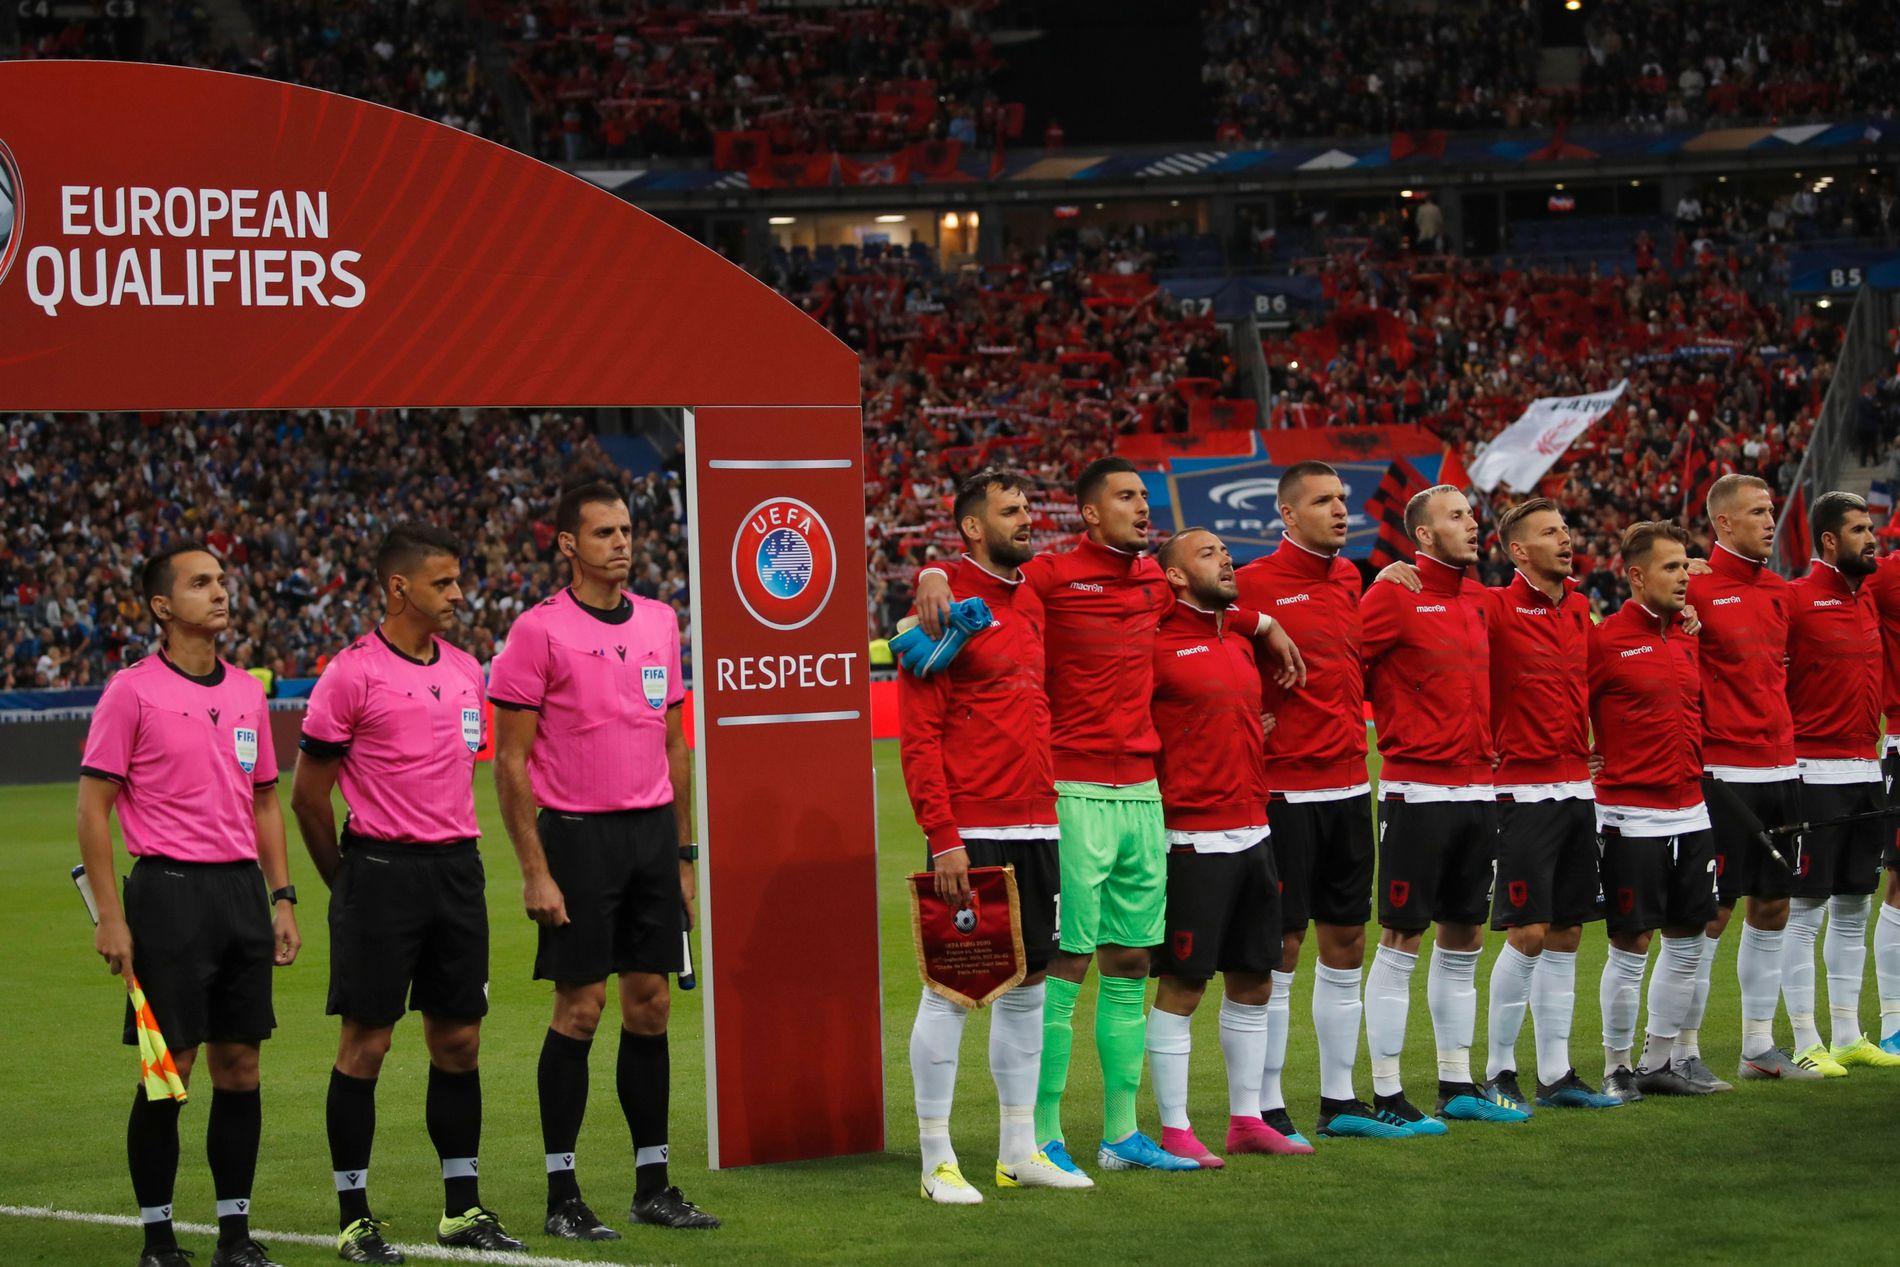 Dommere og det albanske fotballandslaget lytter og synger under den albanske nasjonalsangen, etter å først ha hørt nasjonalsangen til Andorra, og deretter fått en unnskyldning rettet til Armenia.